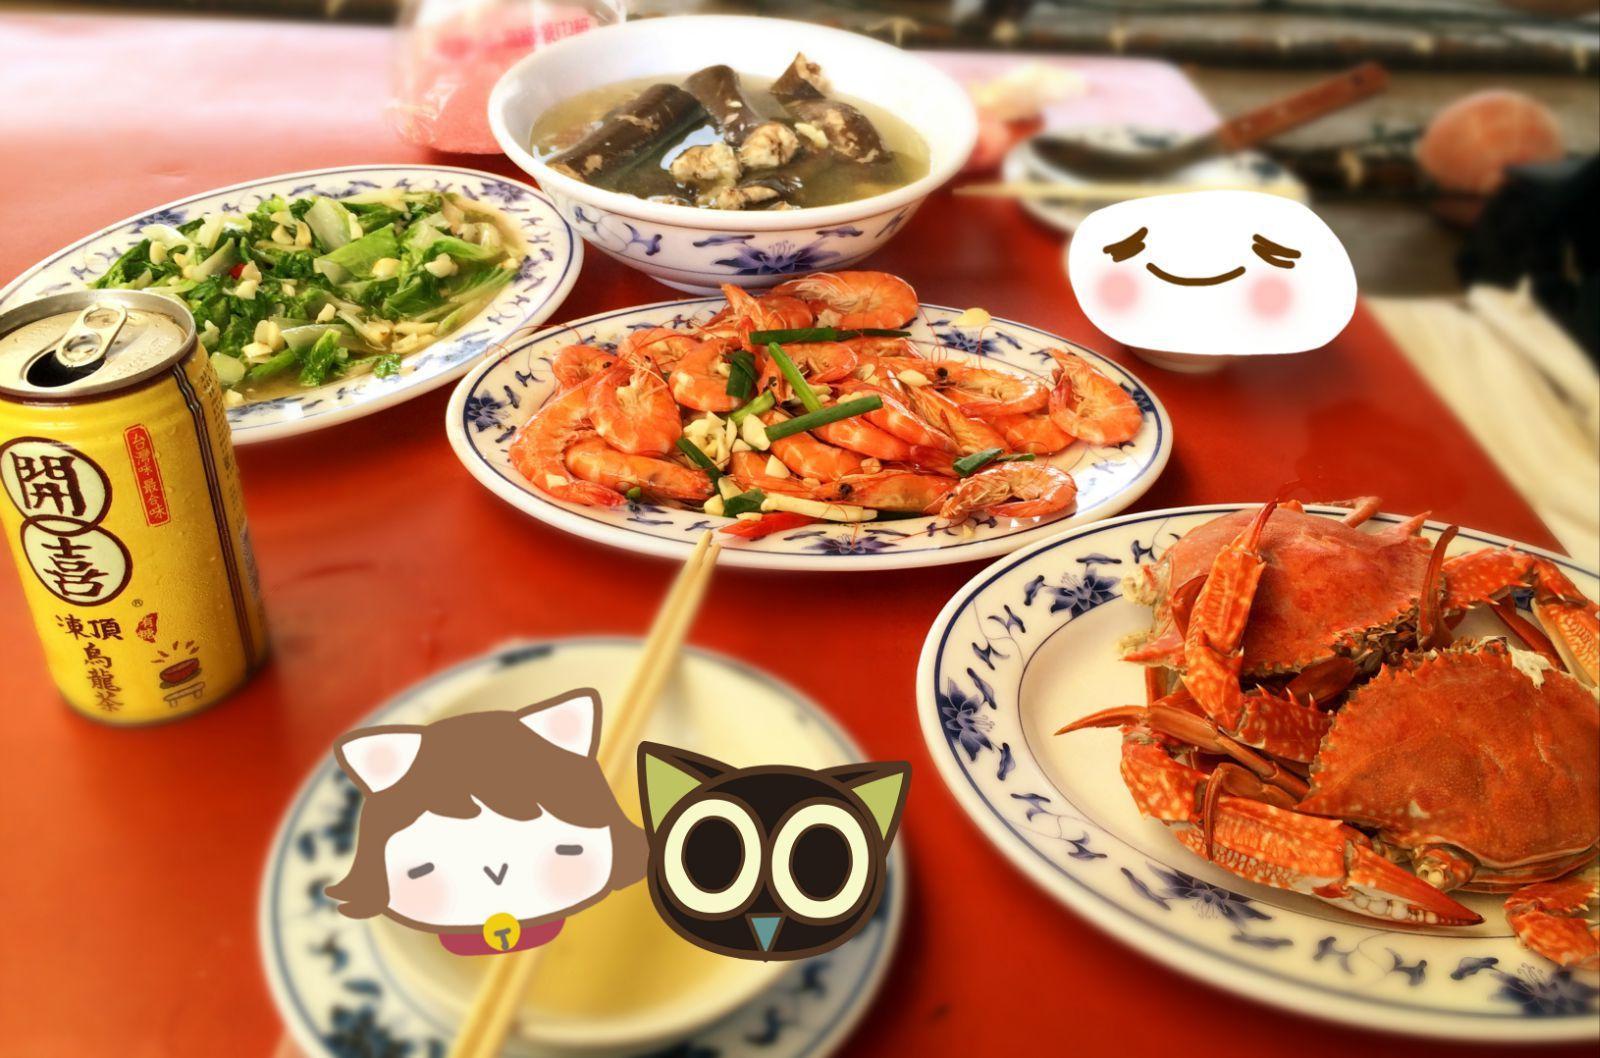 自己刚刚买来的海鲜,就变成了一桌美味,真的太幸福了